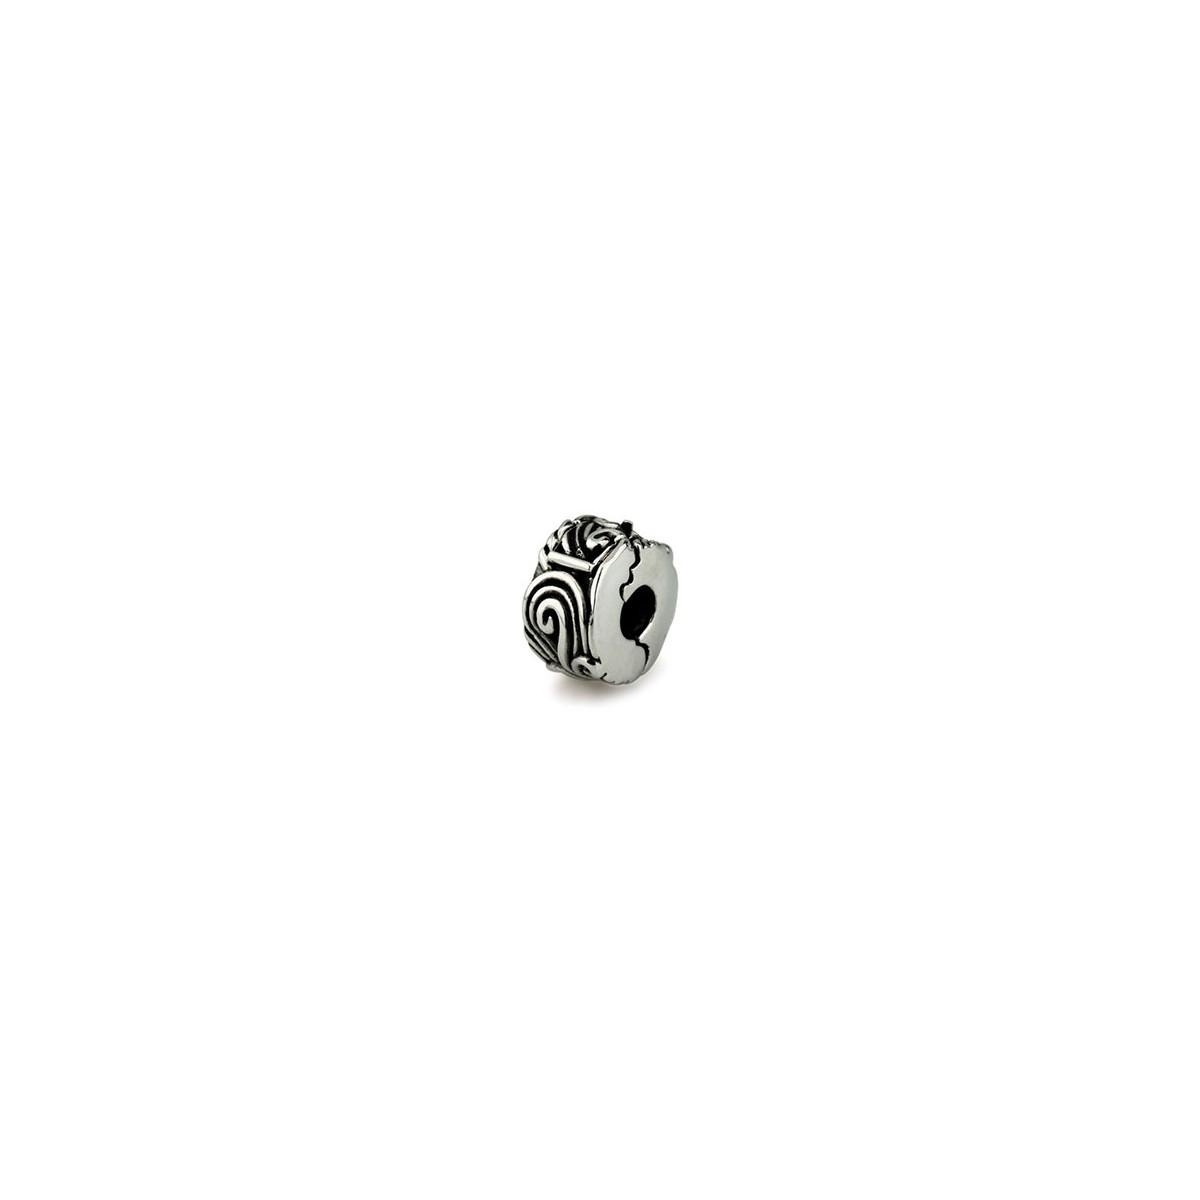 ohm beads/whls009/ Water-ness/stop/stopper/pandora/trollbeads